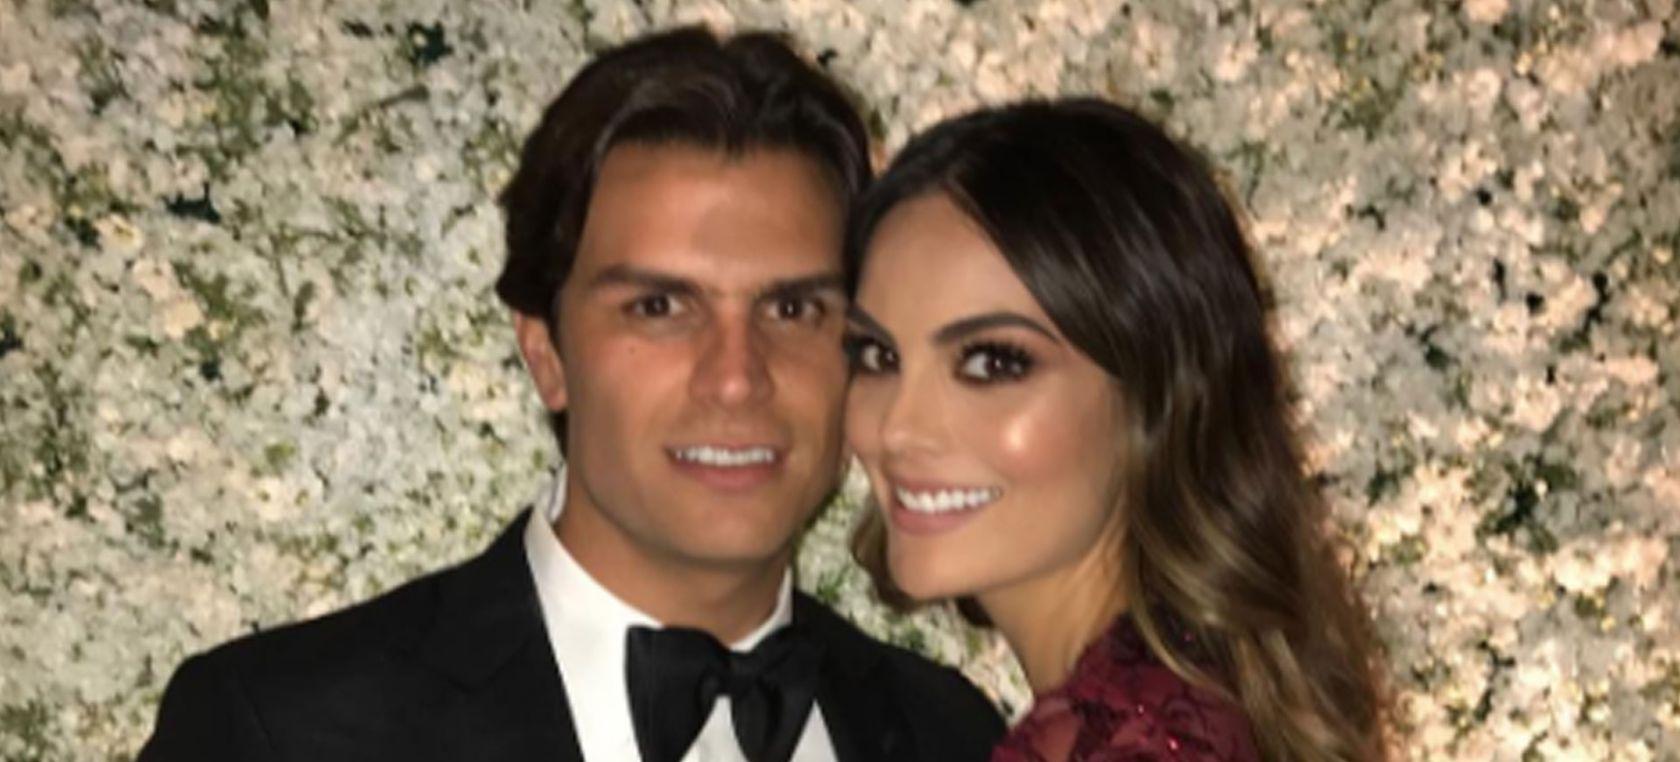 Matrimonio Ximena Navarrete : Ximena navarrete está embarazada actualidad los méxico